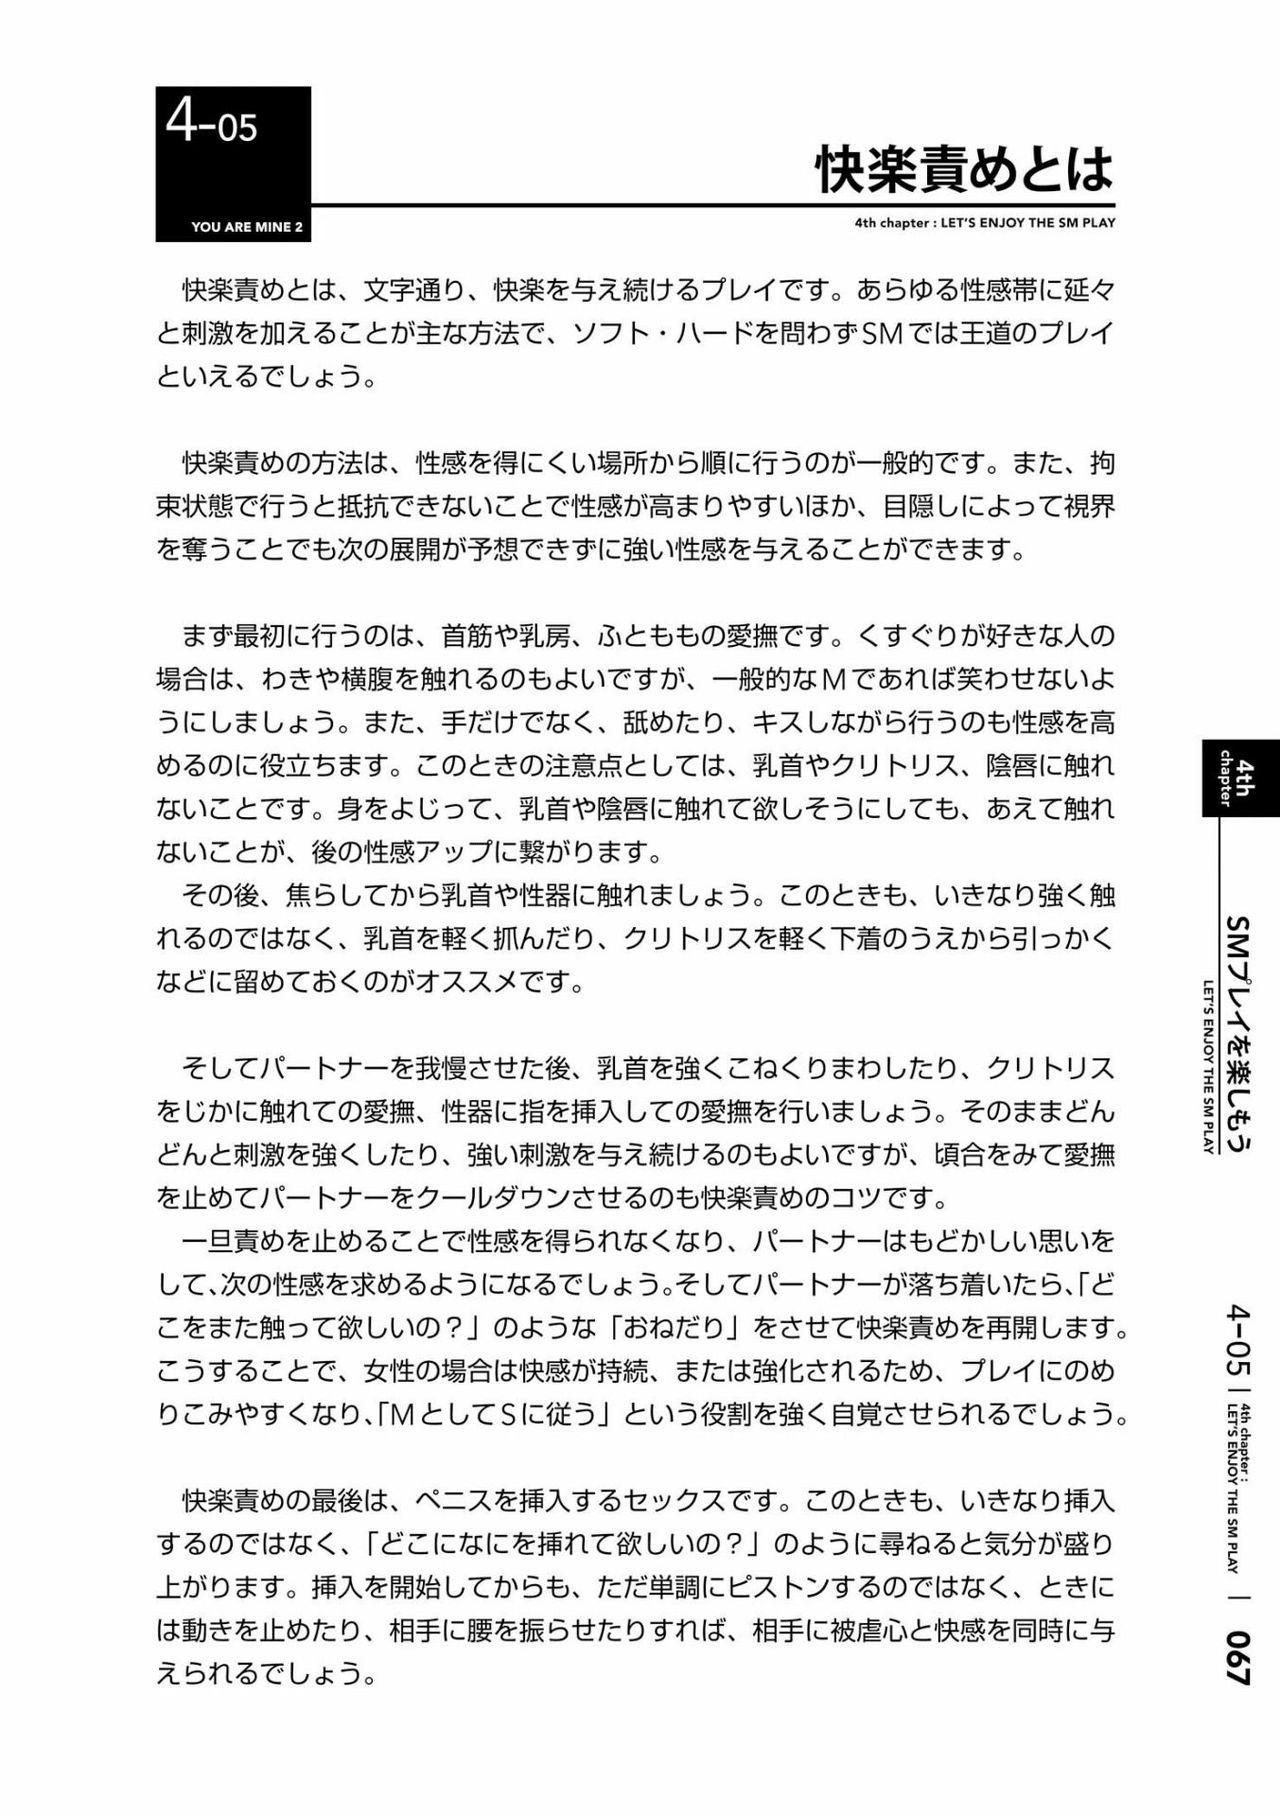 [Mitsuba] Karada mo Kokoro mo Boku no Mono ~Hajimete no SM Guide~ 2 [Digital] 69